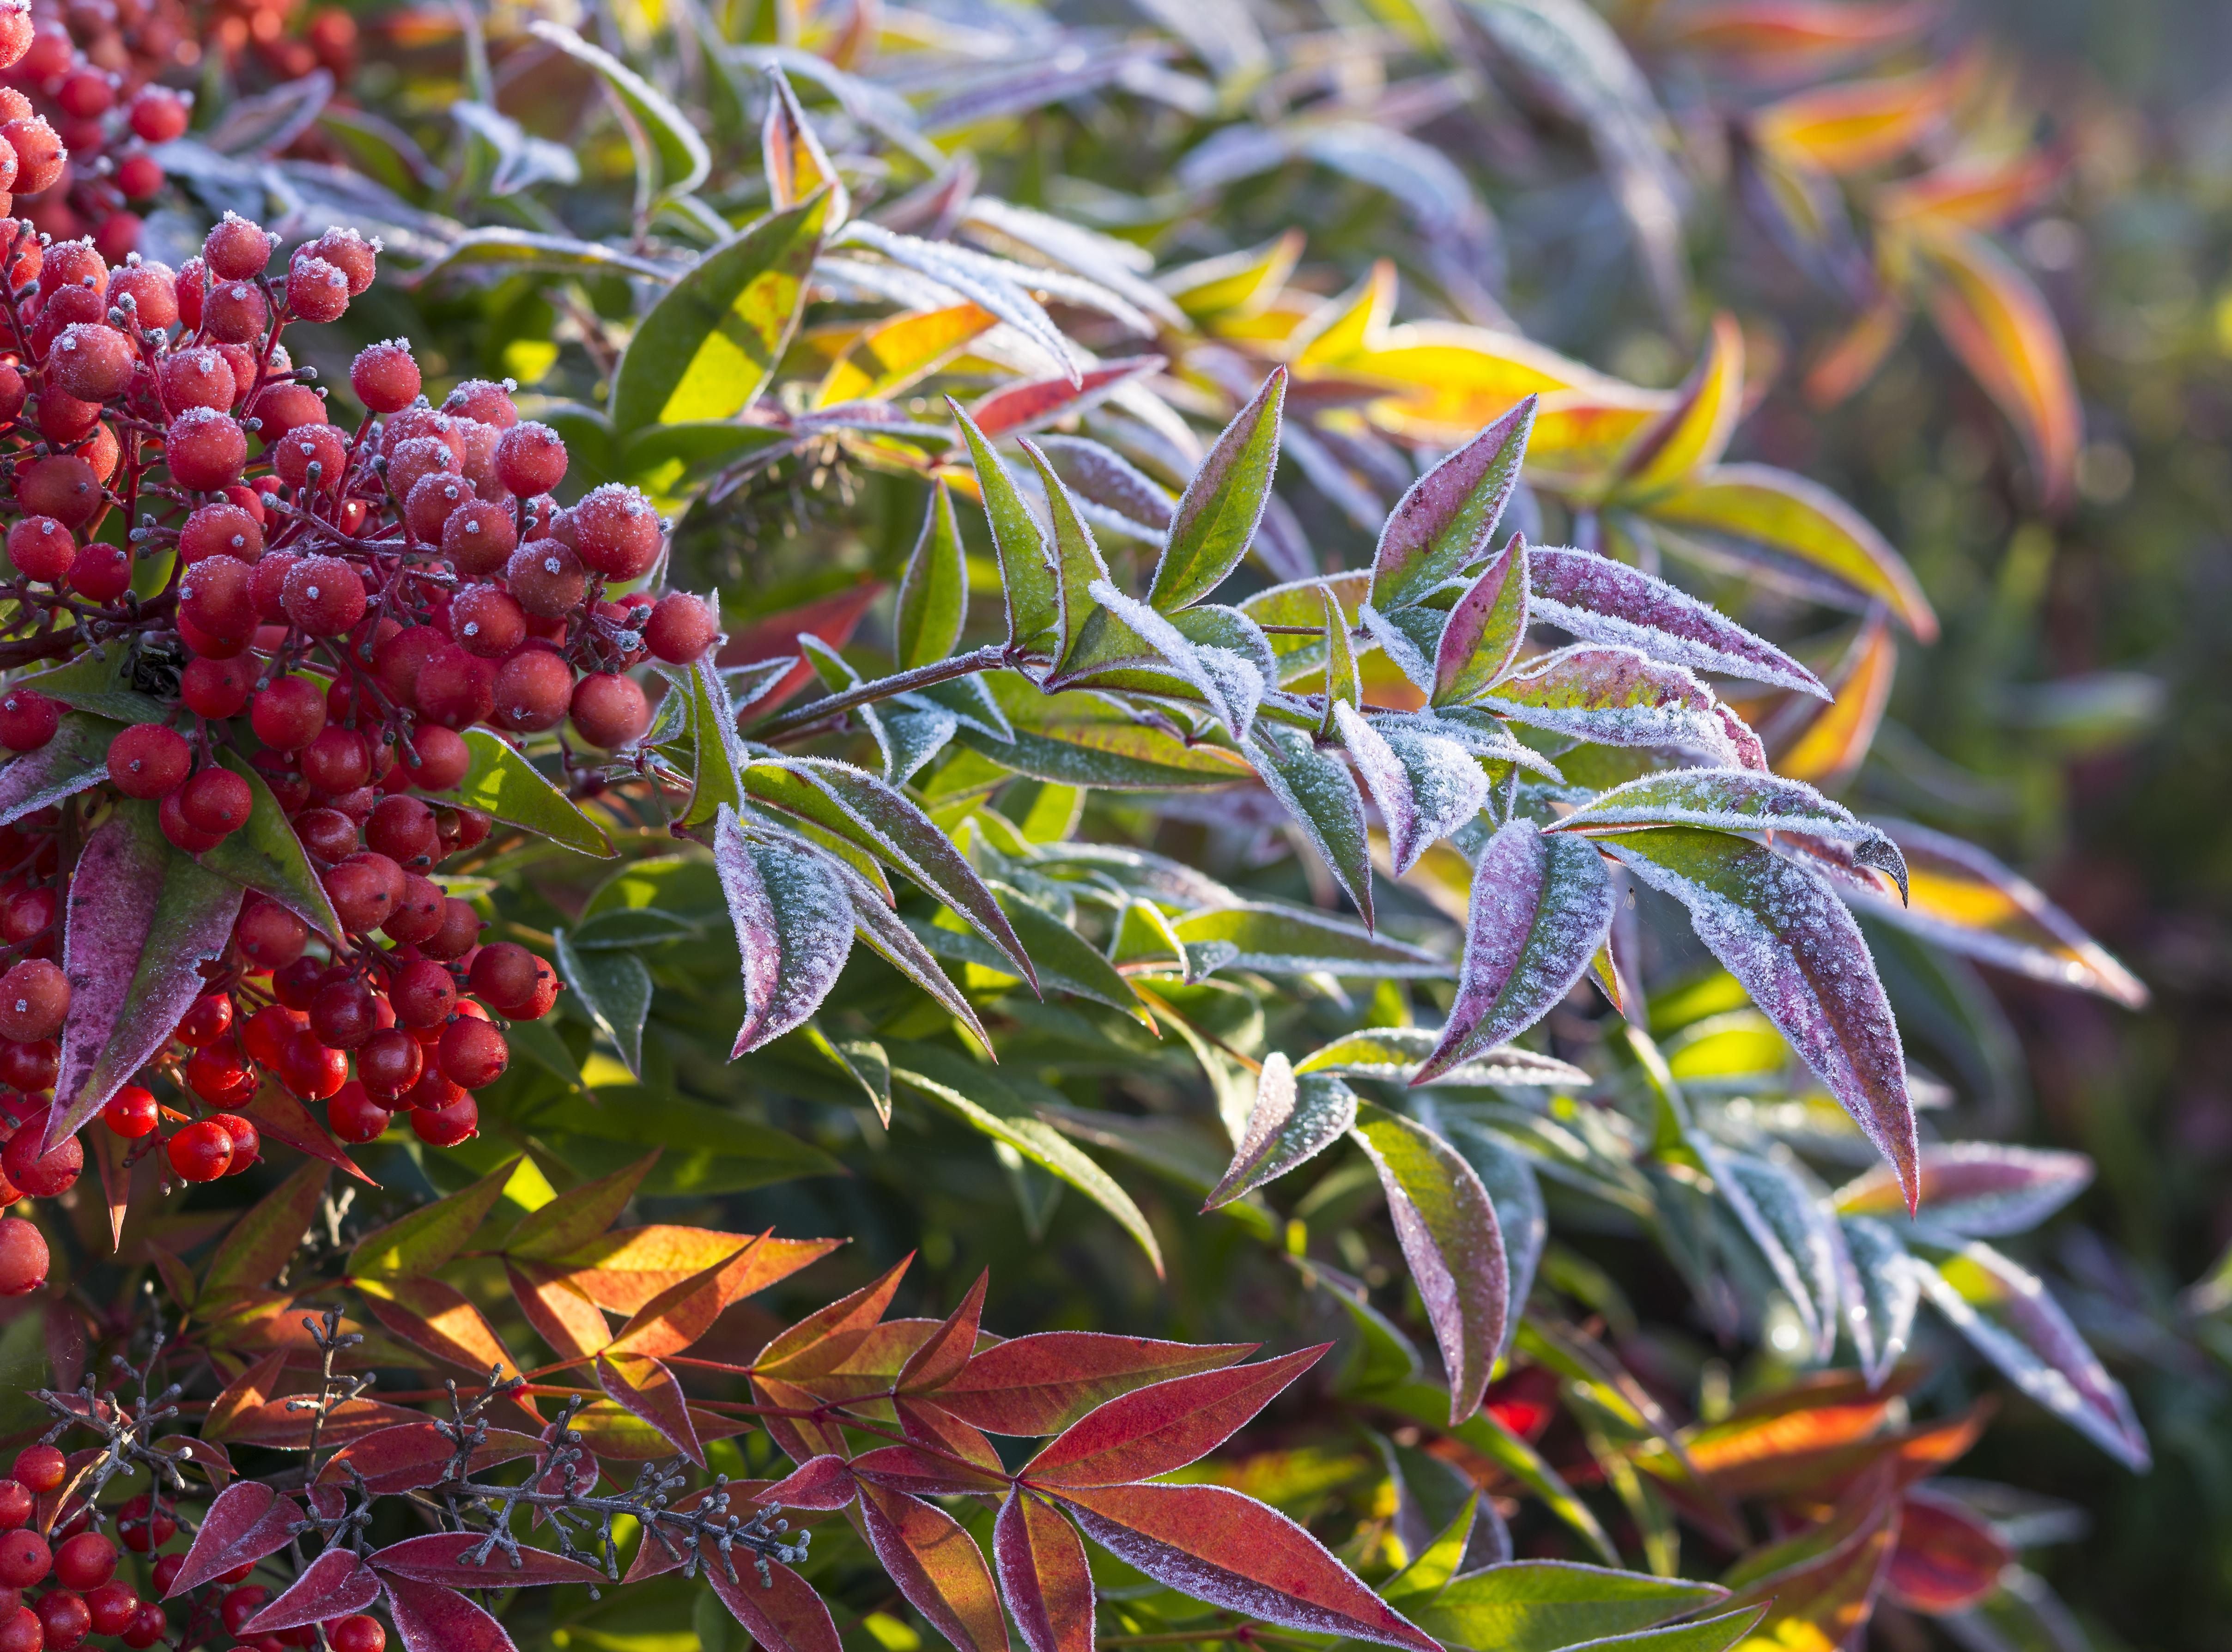 The Four Season Garden Merrifield Garden Center